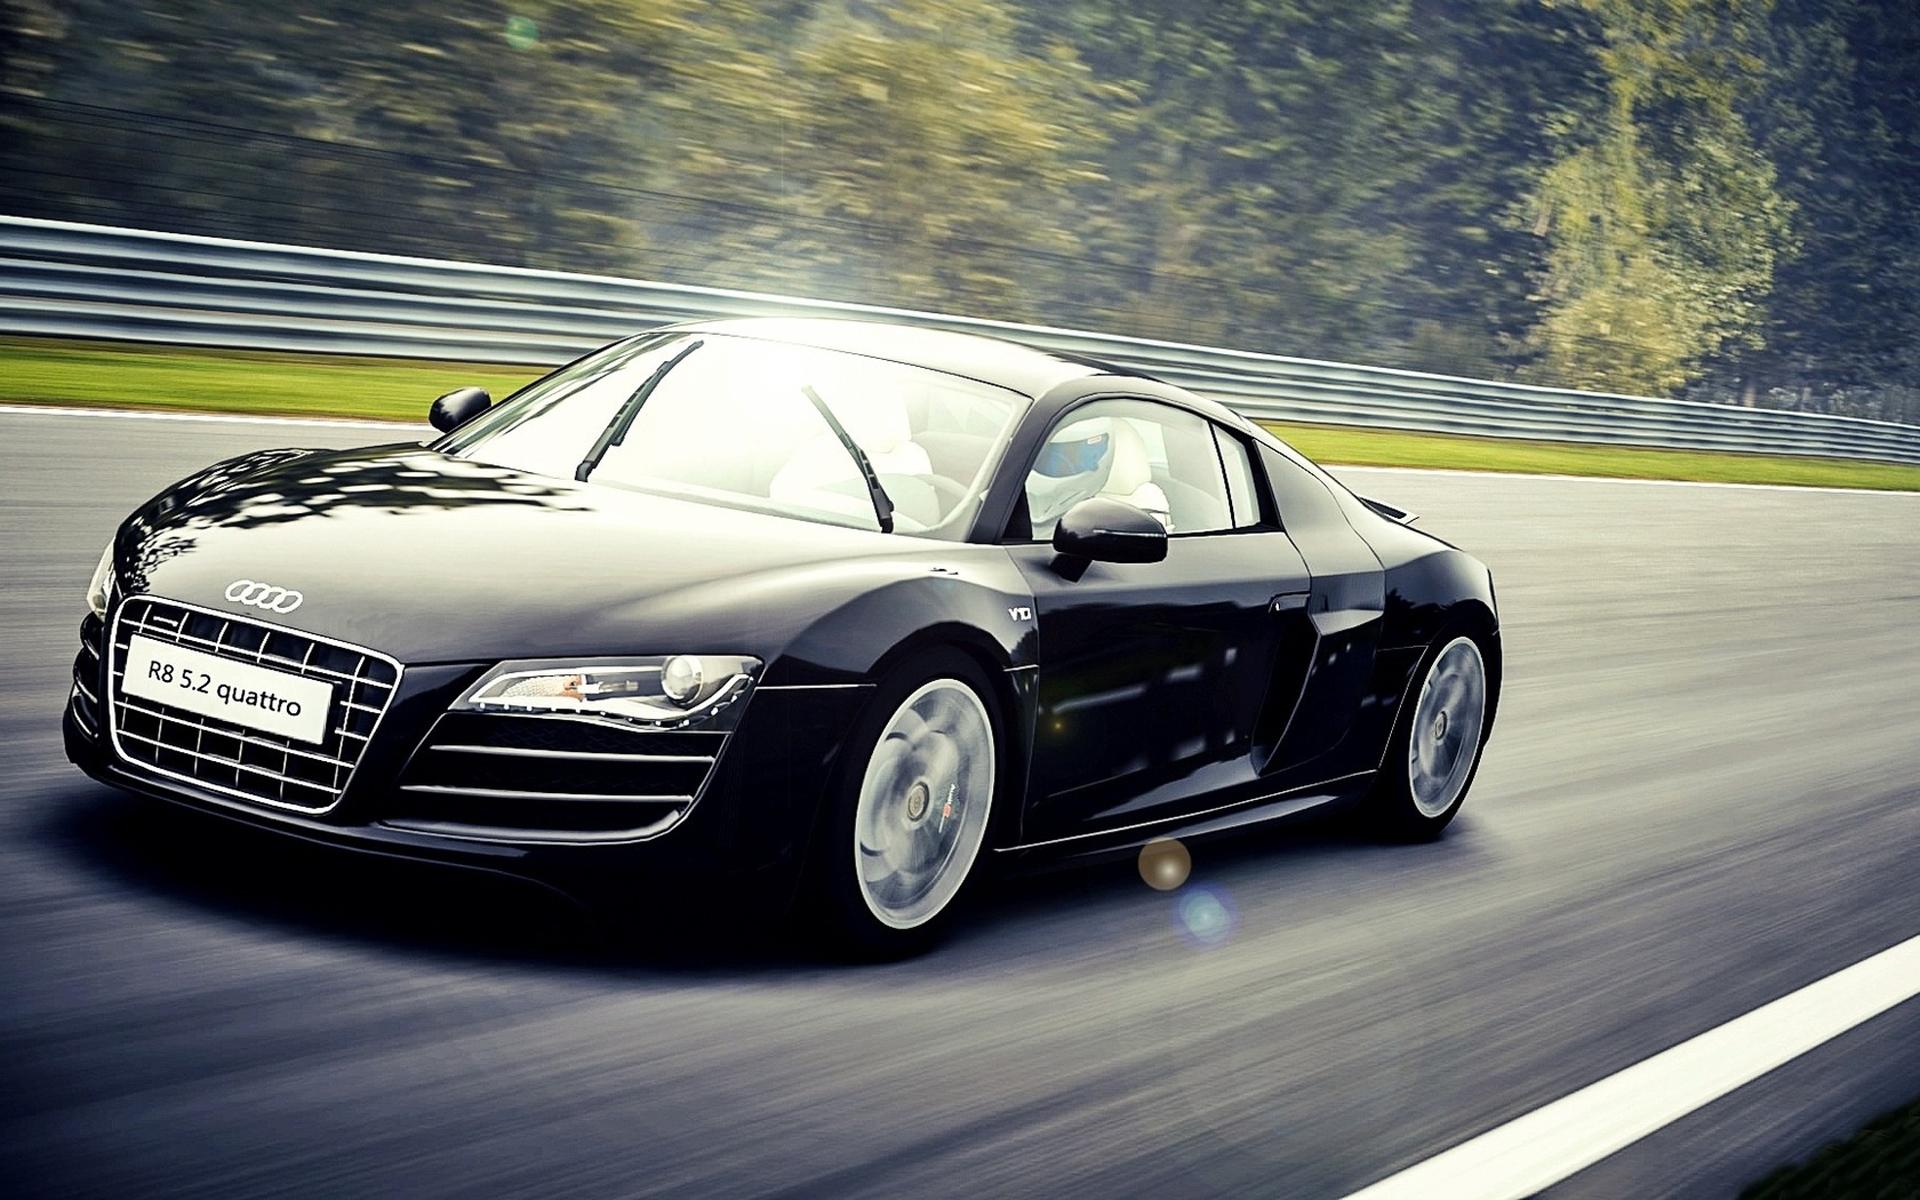 где можно фото красивых автомобилей ауди выполнен